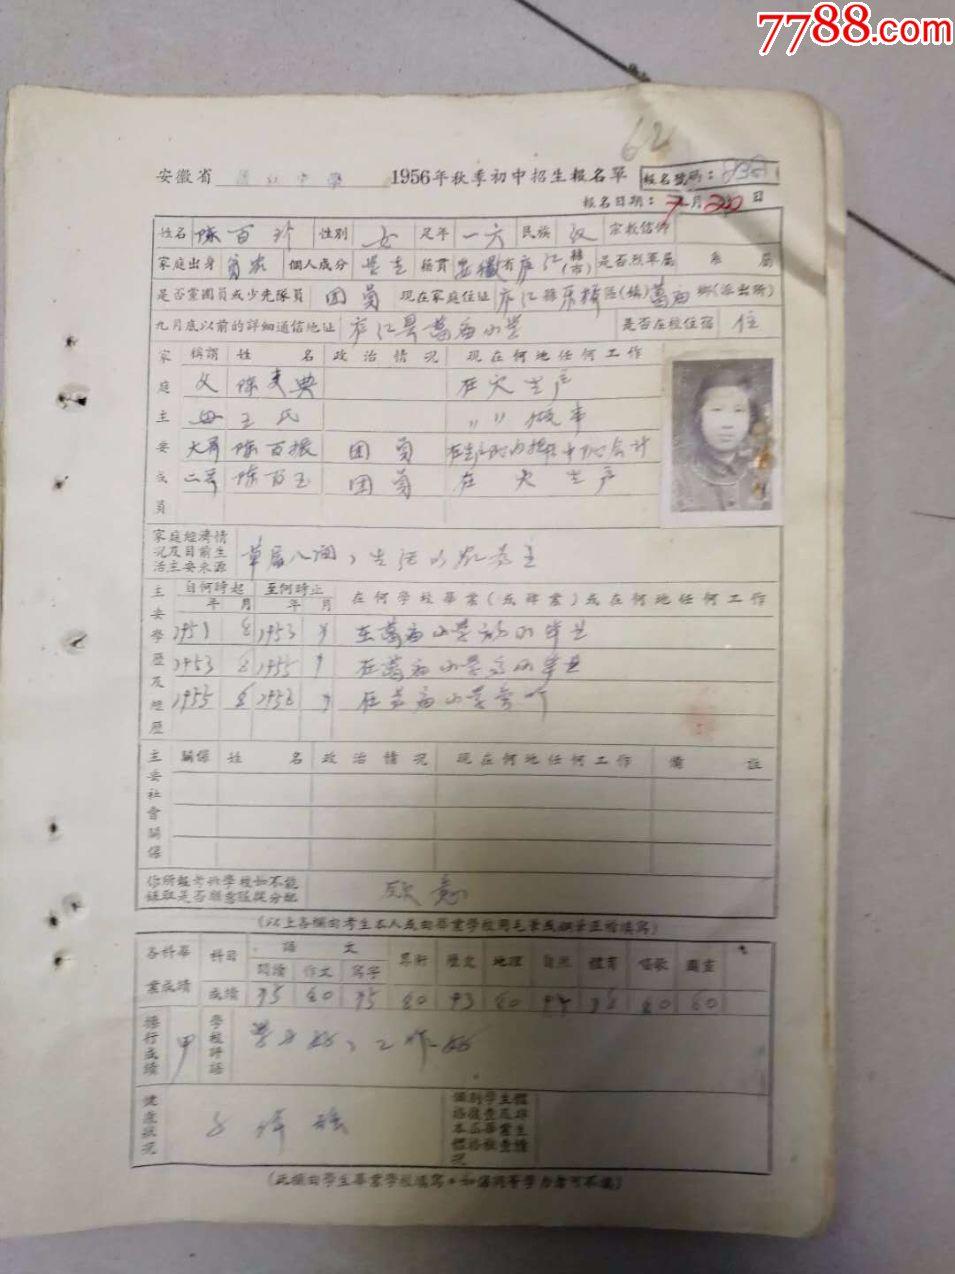 安徽省庐江女孩1956年秋季中学学生报名单50棉袜初中初中吧图片